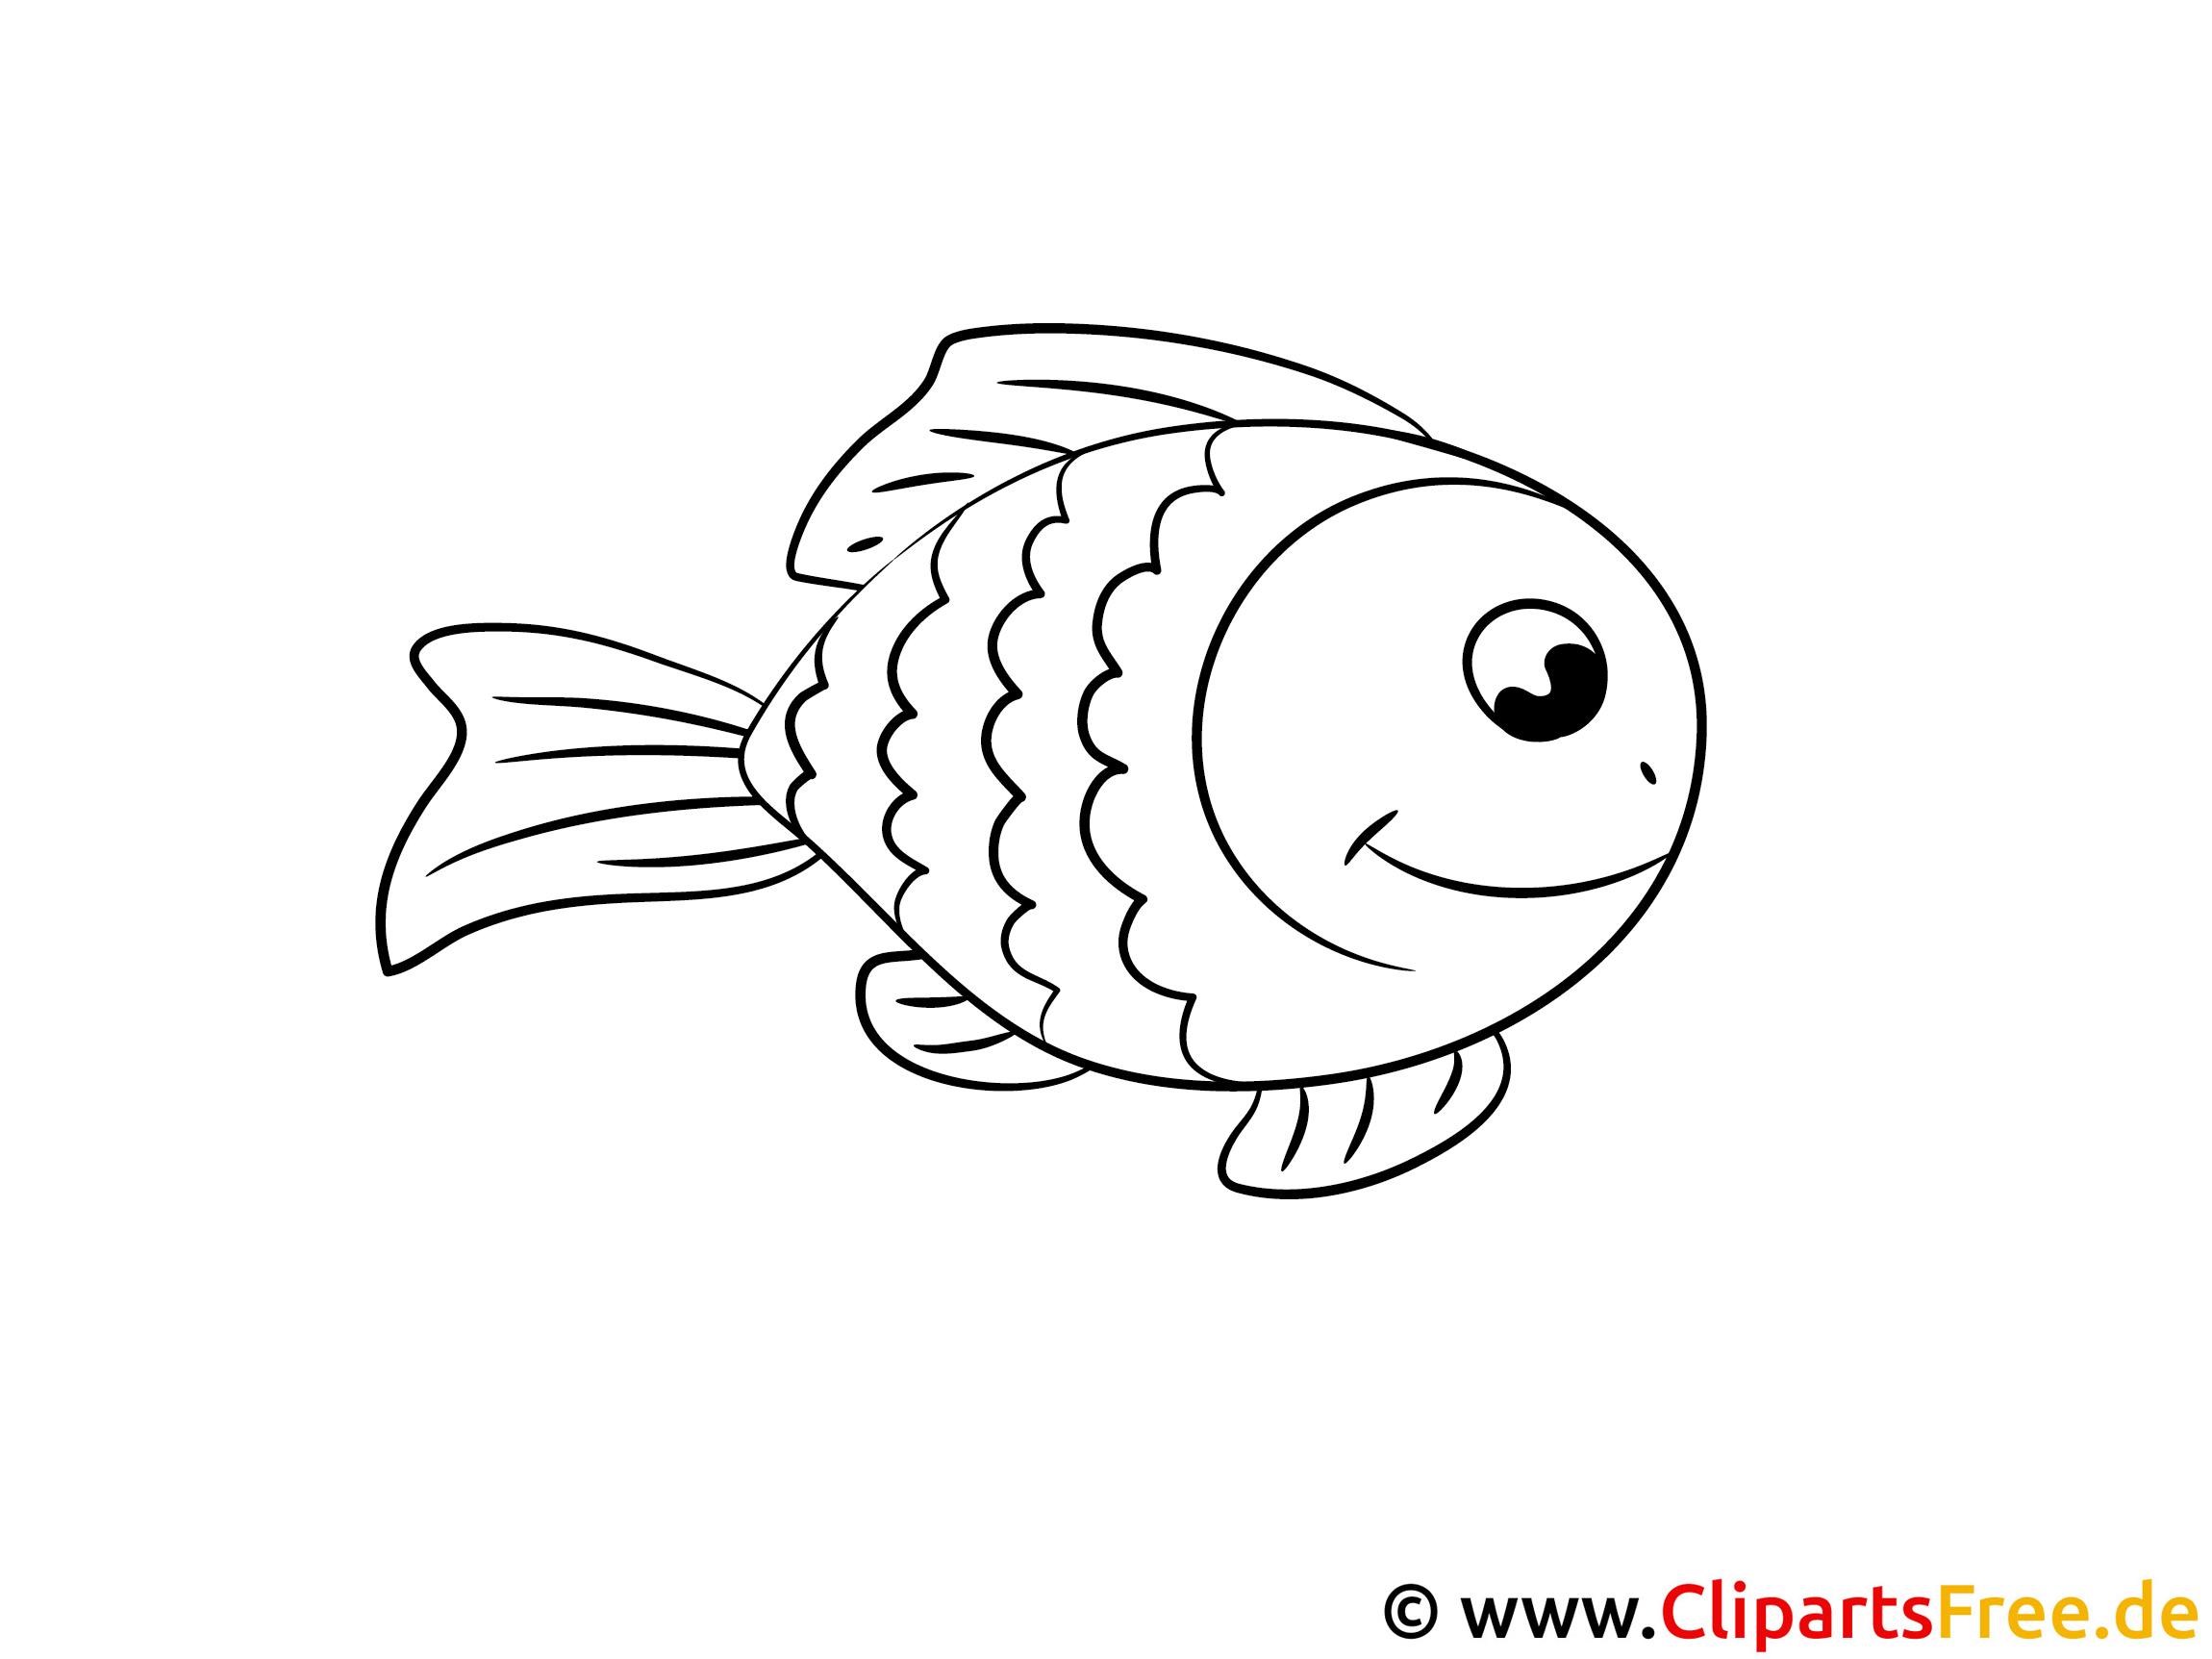 Fantastisch Cartoon Fisch Malvorlagen Ideen - Entry Level Resume ...